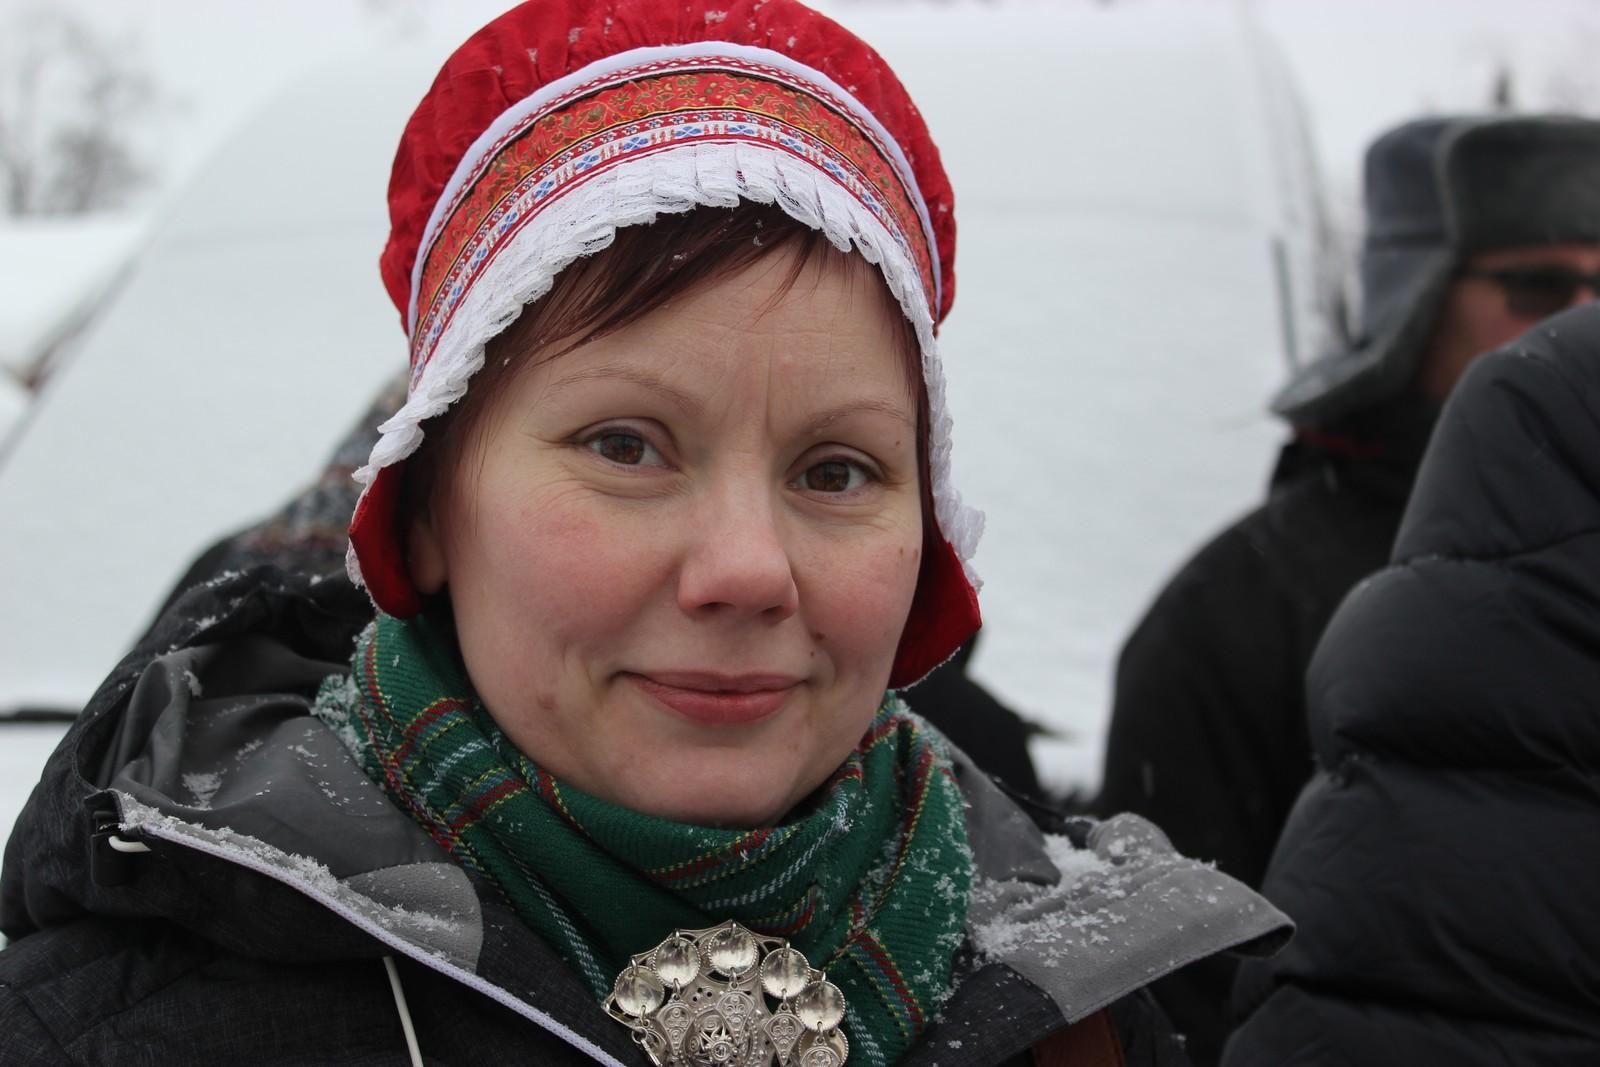 Hanna Sofie Utsi fra Jokkmokk synes det er viktig å feire nasjonaldagen 6. februar. Samene trenger en felles dag som viser at vi er ett folk, mener hun. Det er også en dag med glede. Derfor er det ofte kake i Utsi/Berglund familien på denne dagen.